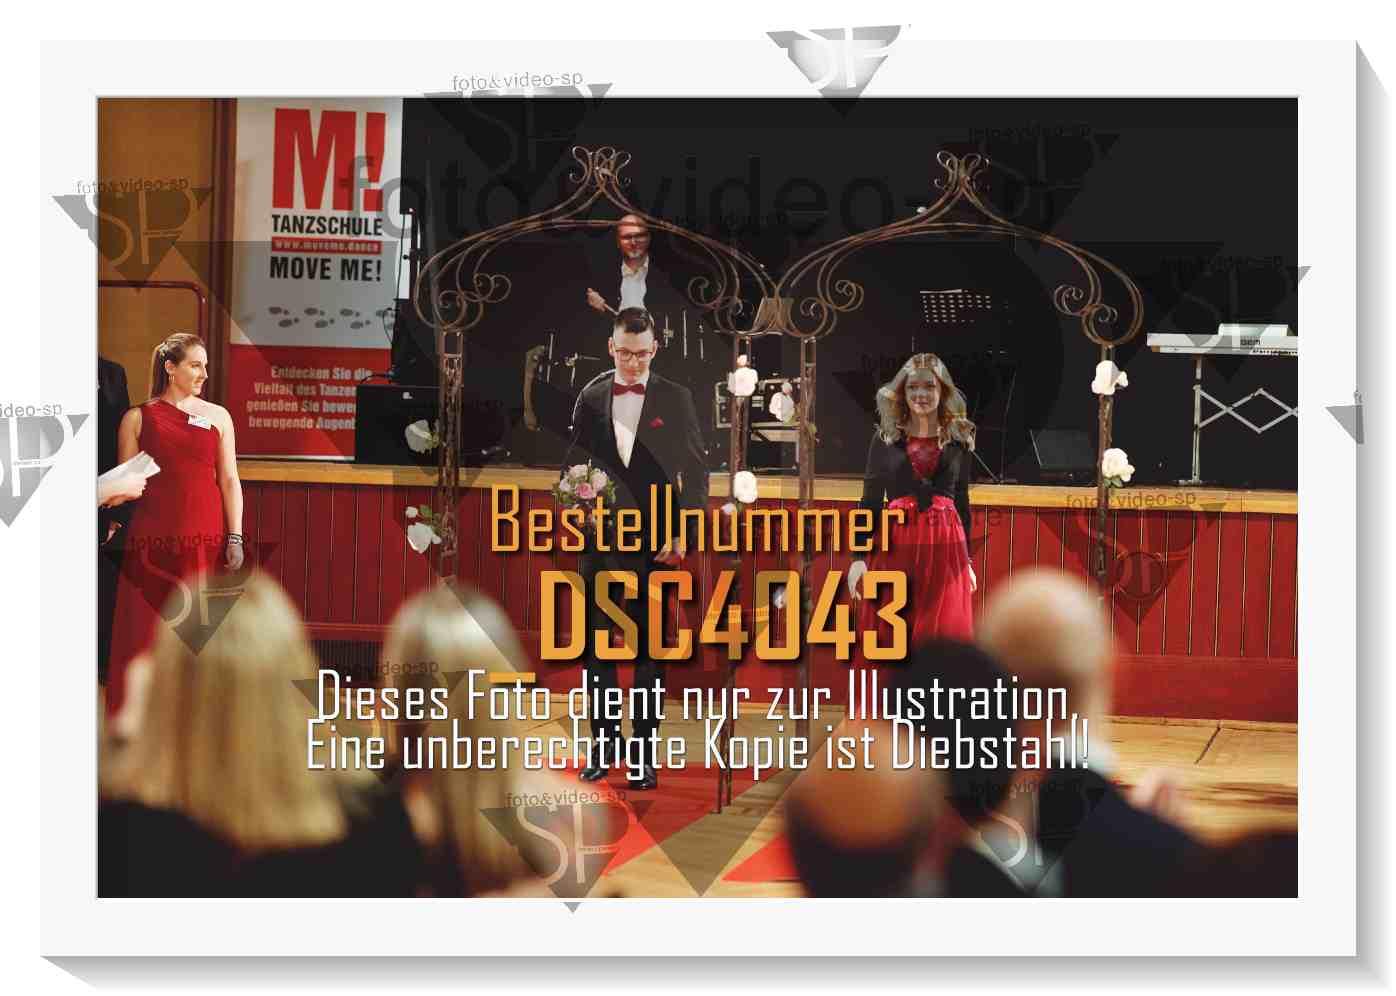 DSC4043